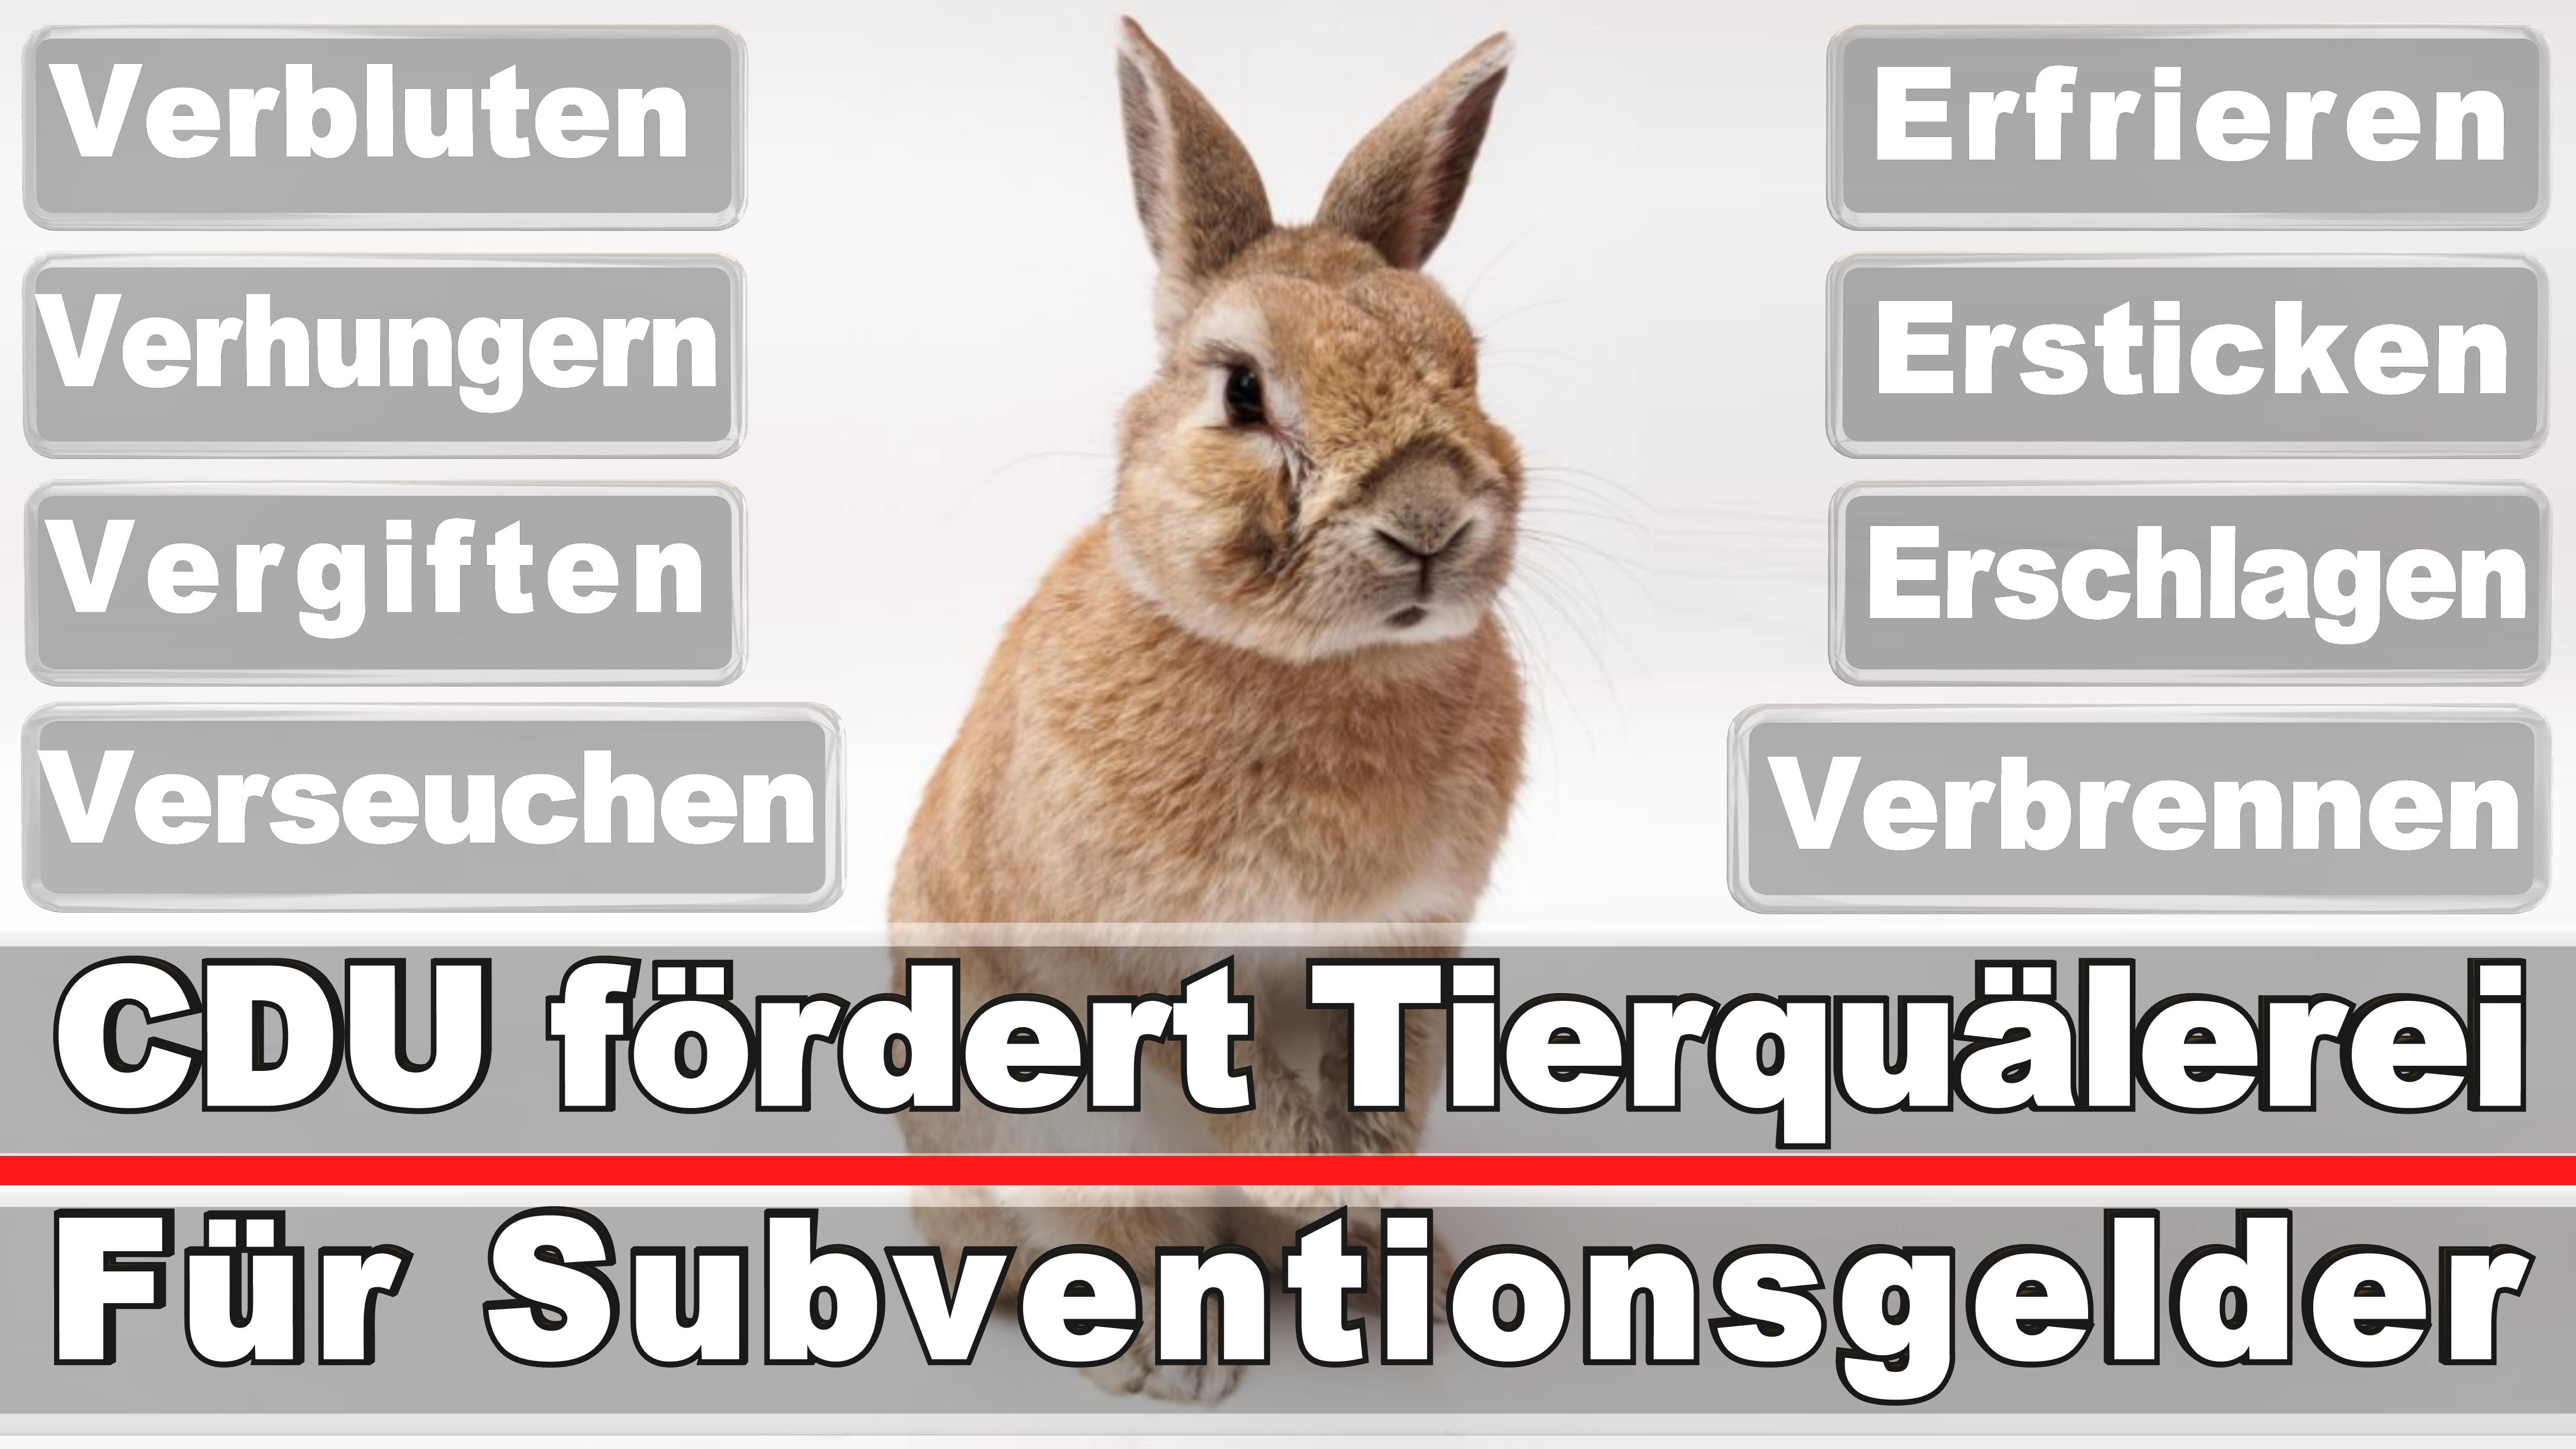 Landtagswahl-Bundestagswahl-CDU-SPD-FDP-AFD-Linke-Piraten (5)